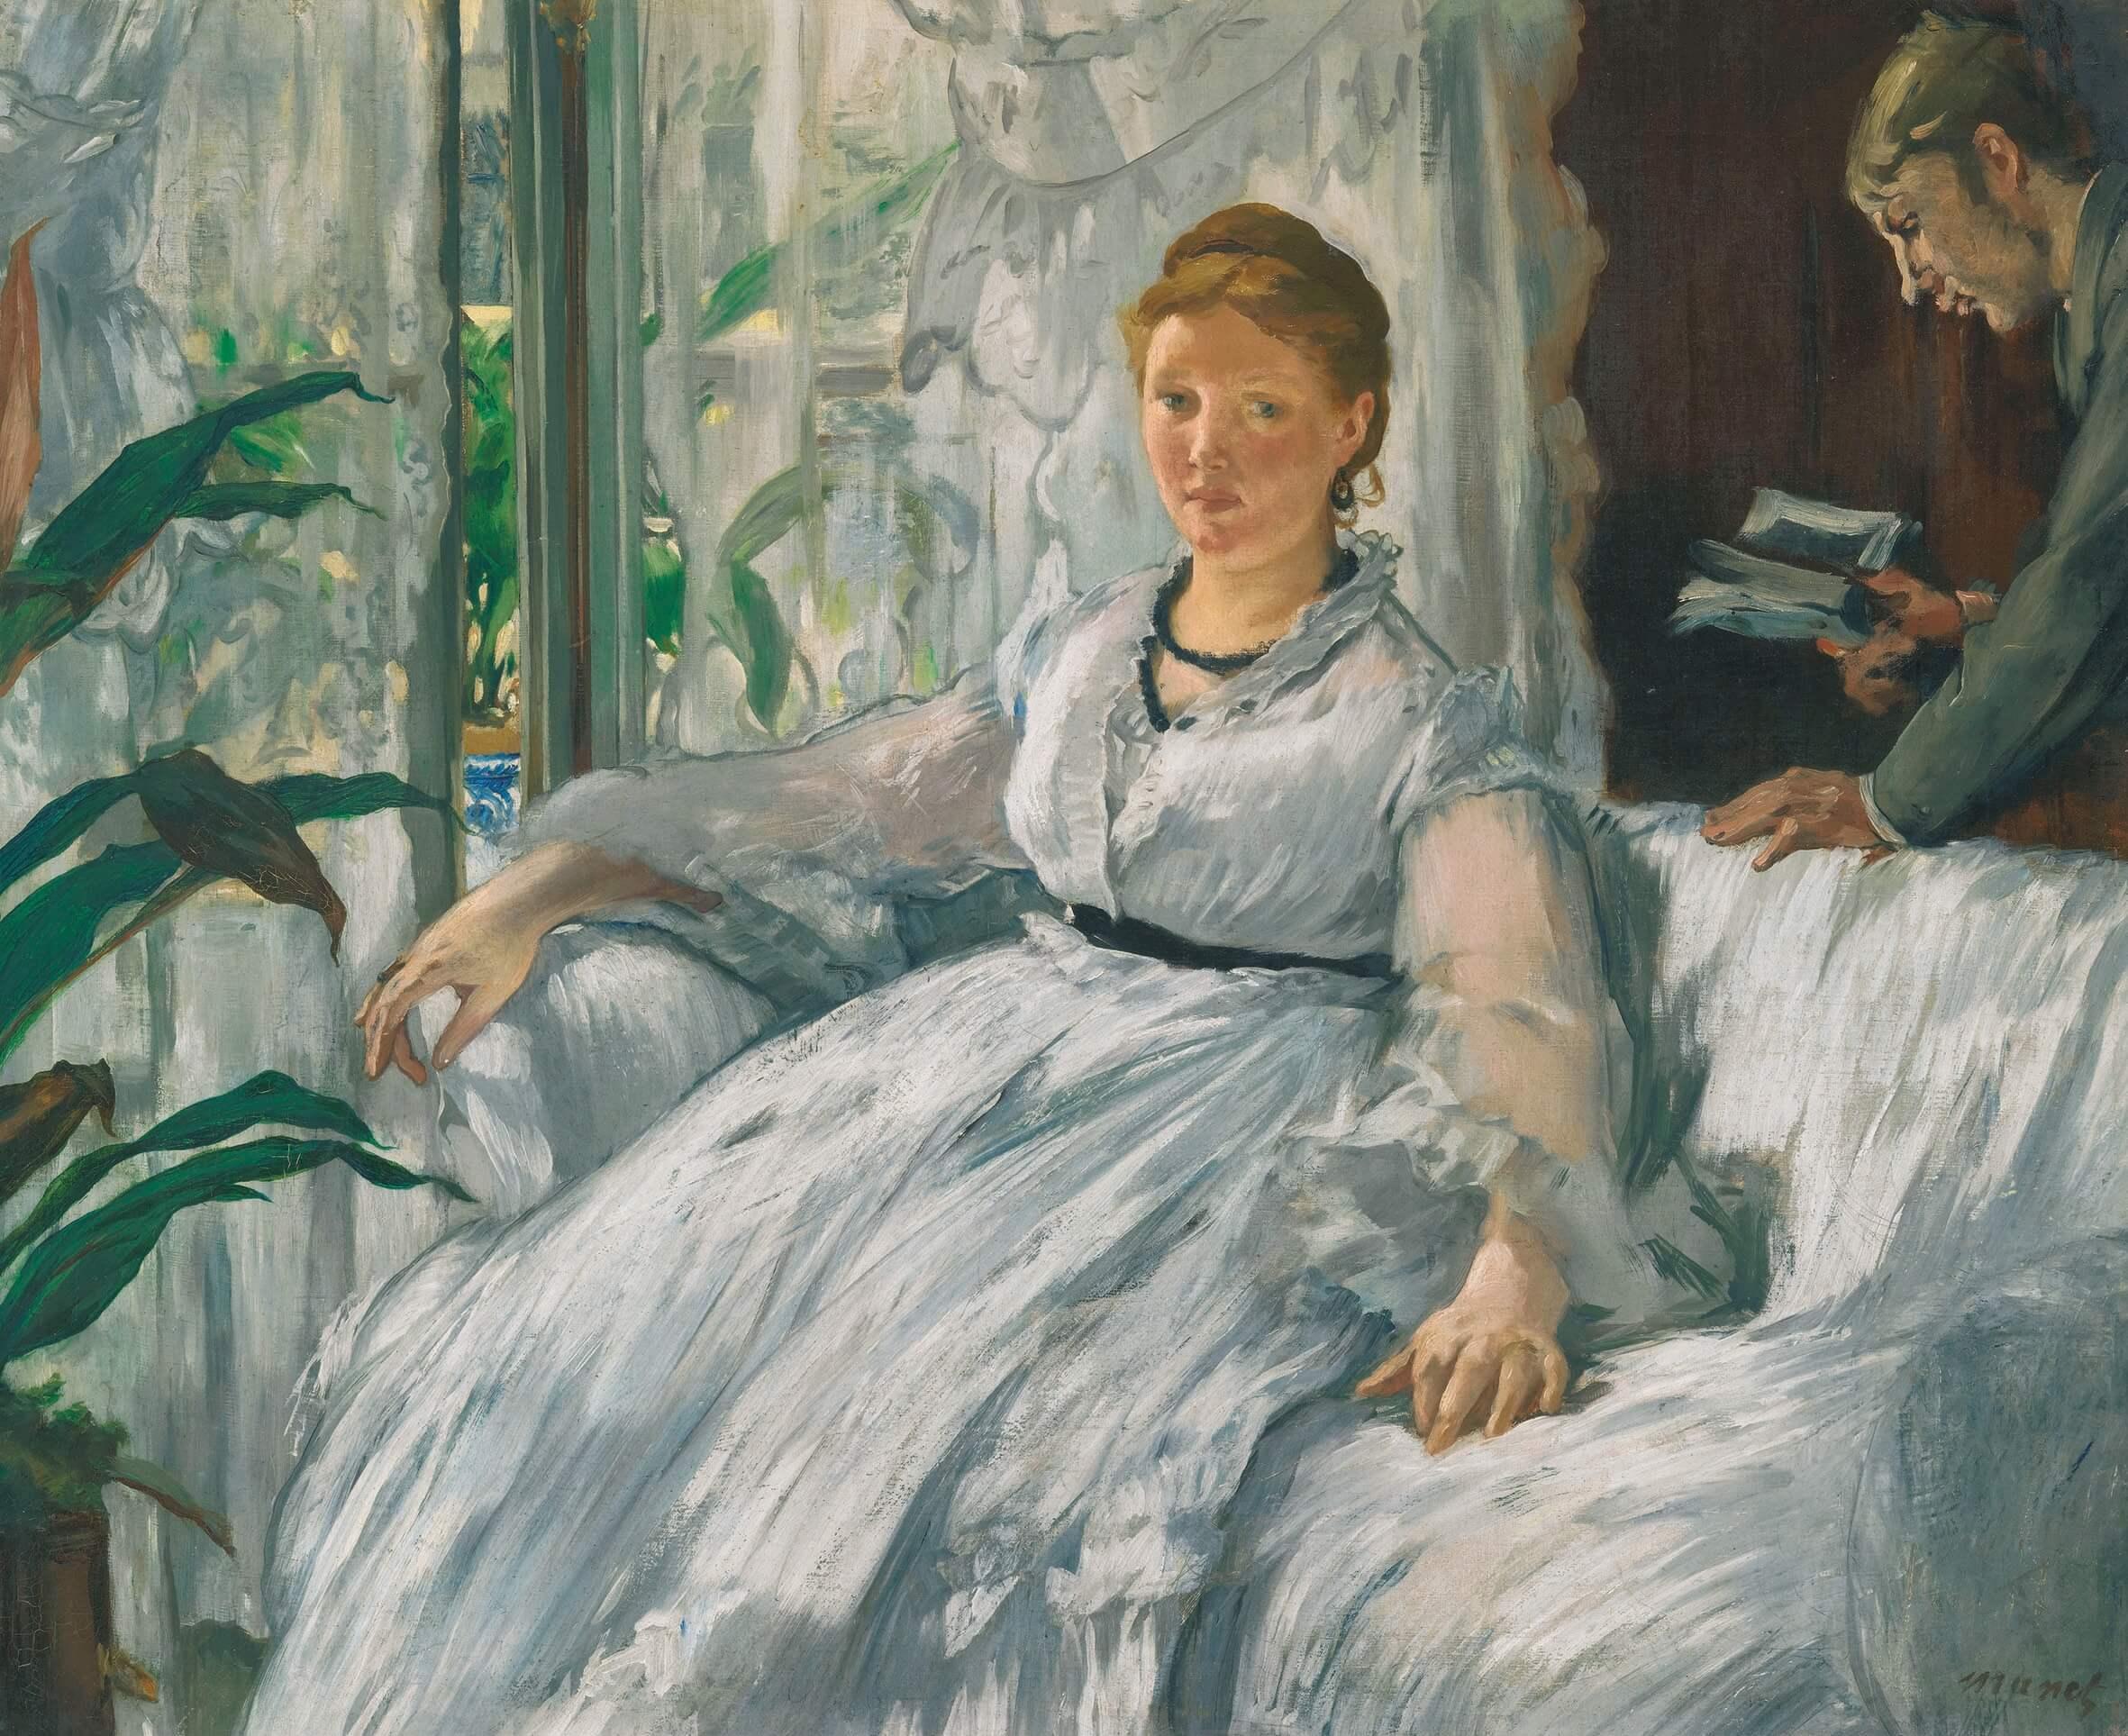 A Milano arrivano Manet e gli altri impressionisti